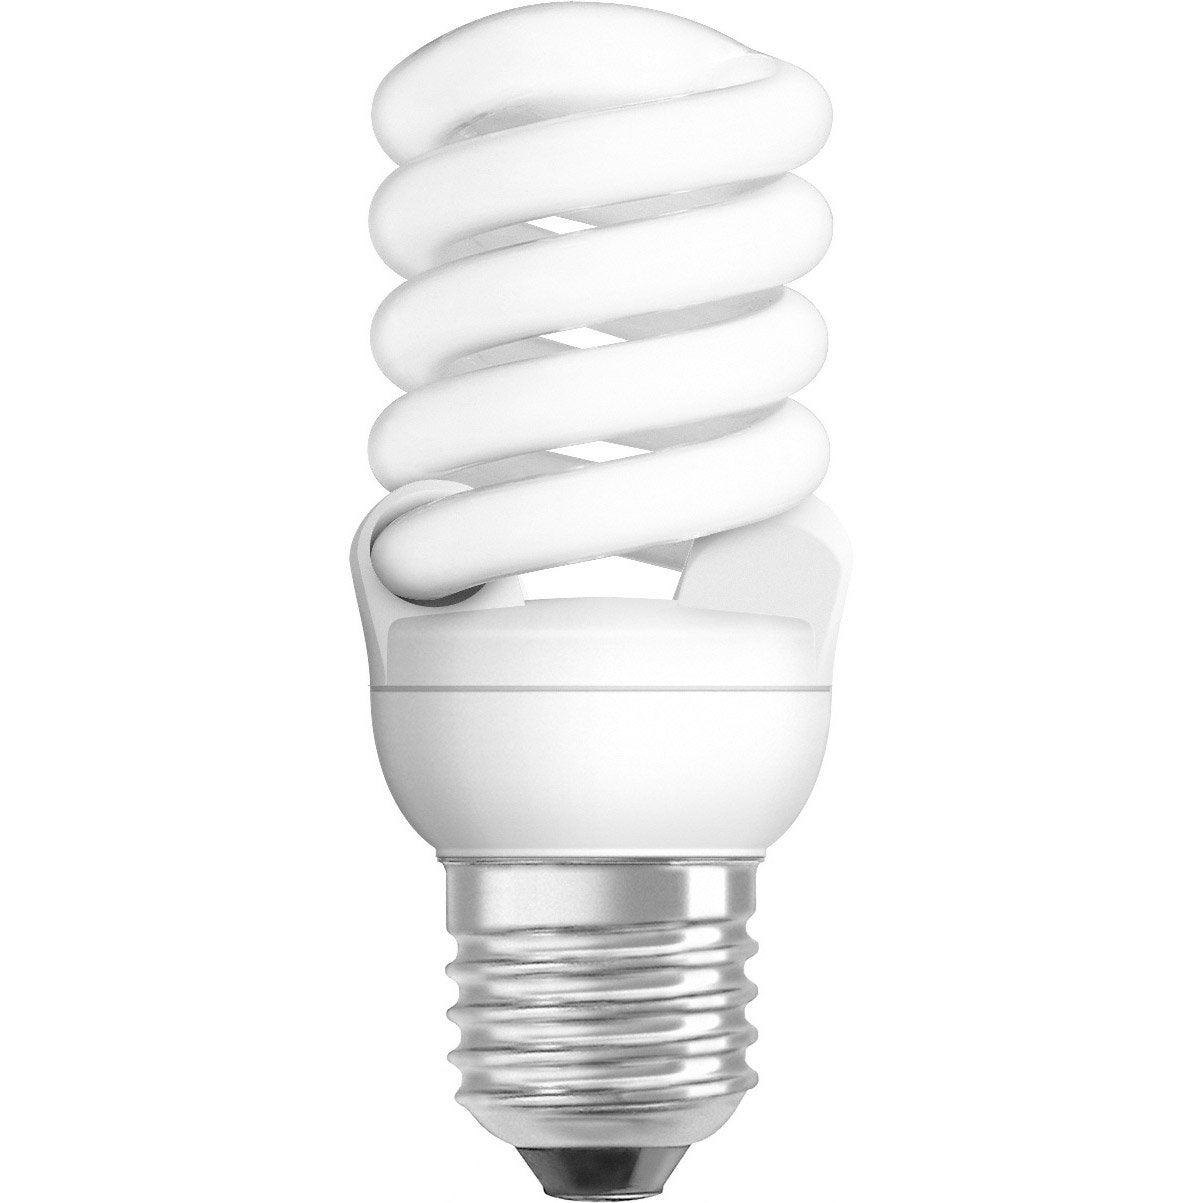 Ampoule spirale conomie d 39 nergie 14w osram e27 lumi re - Ampoule lumiere du jour leroy merlin ...